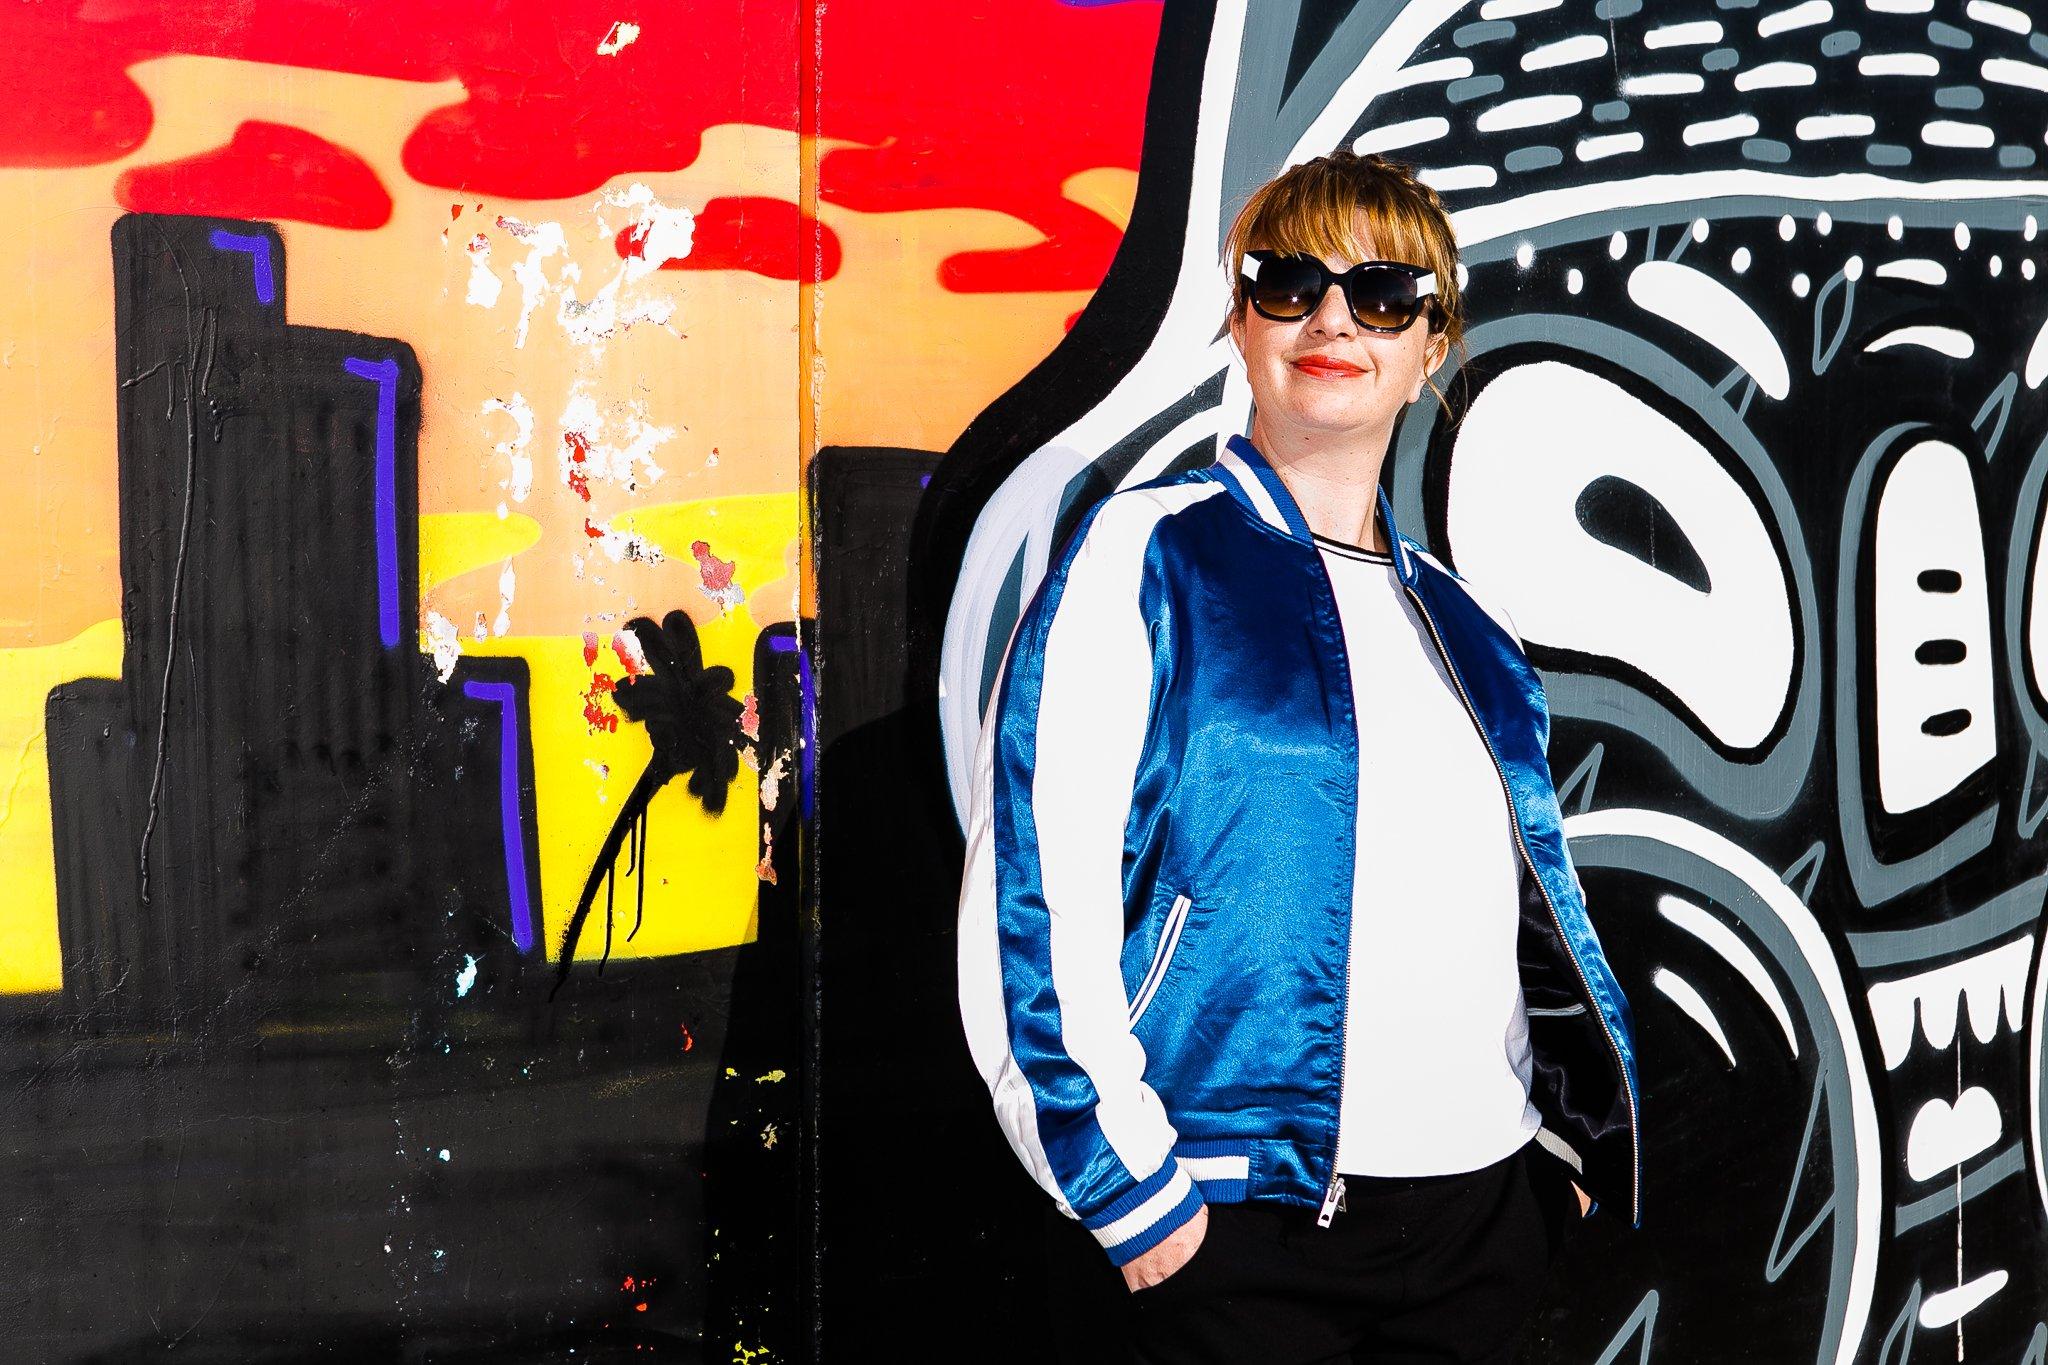 Foto della giacca bomber in bianco e blu